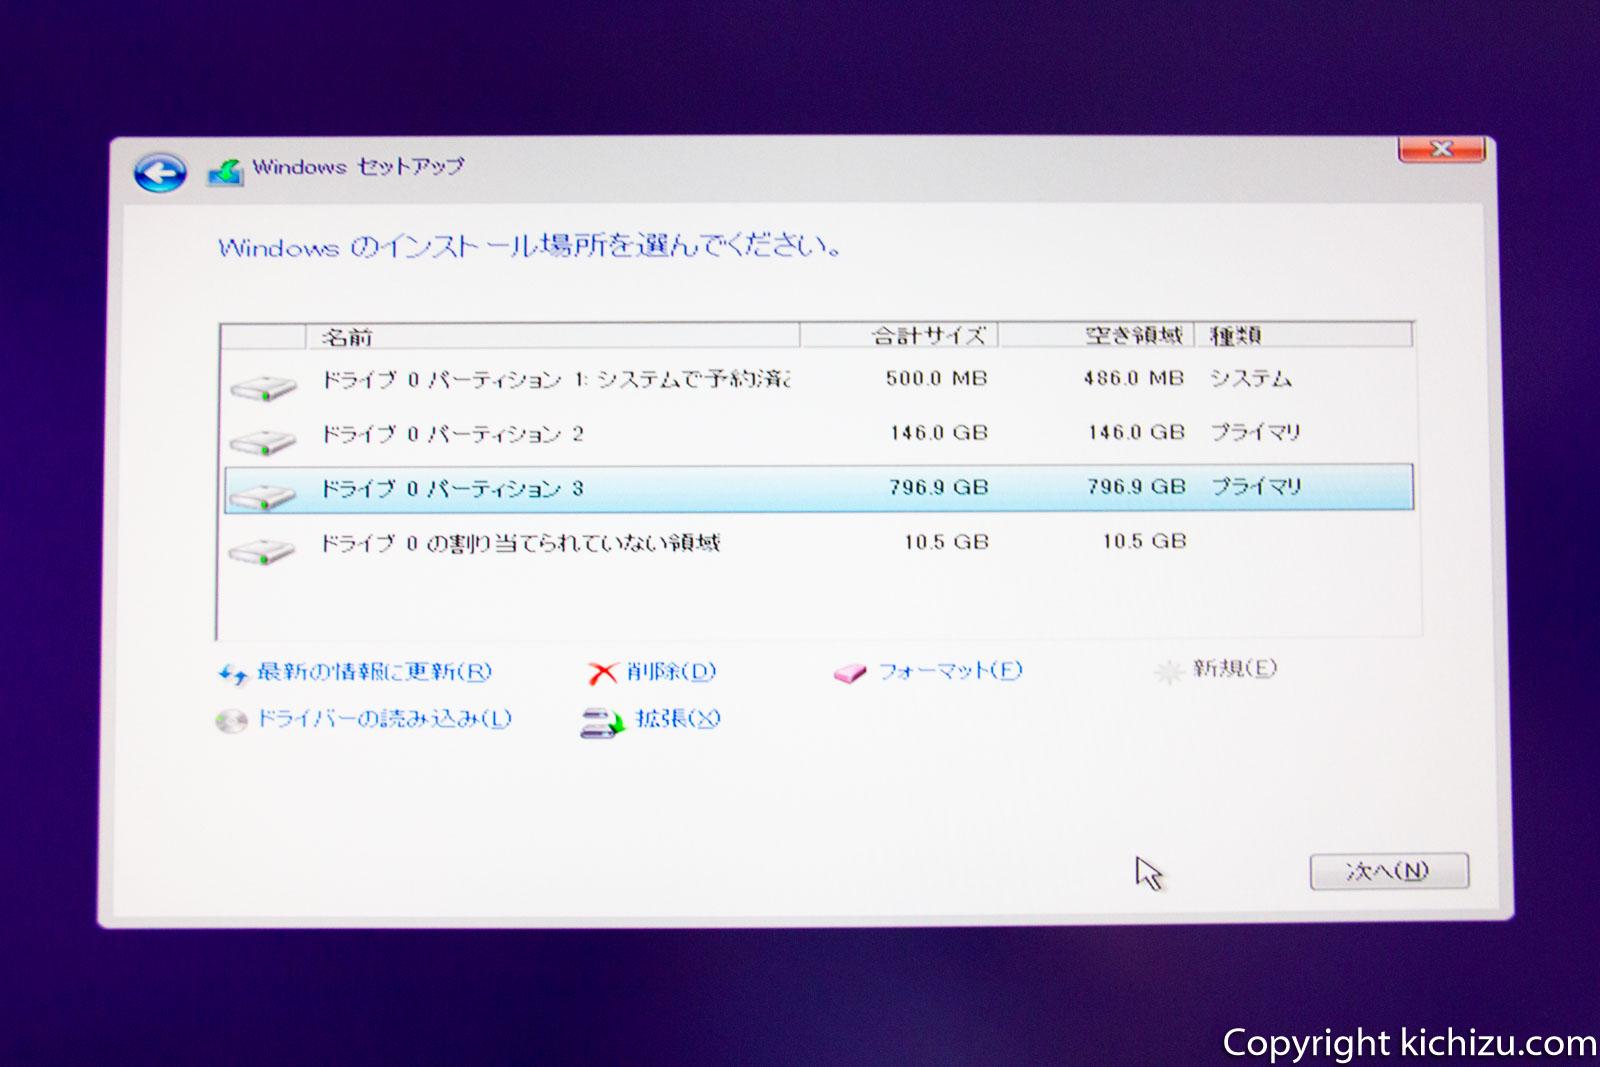 Windows 10ディスクマネージャー